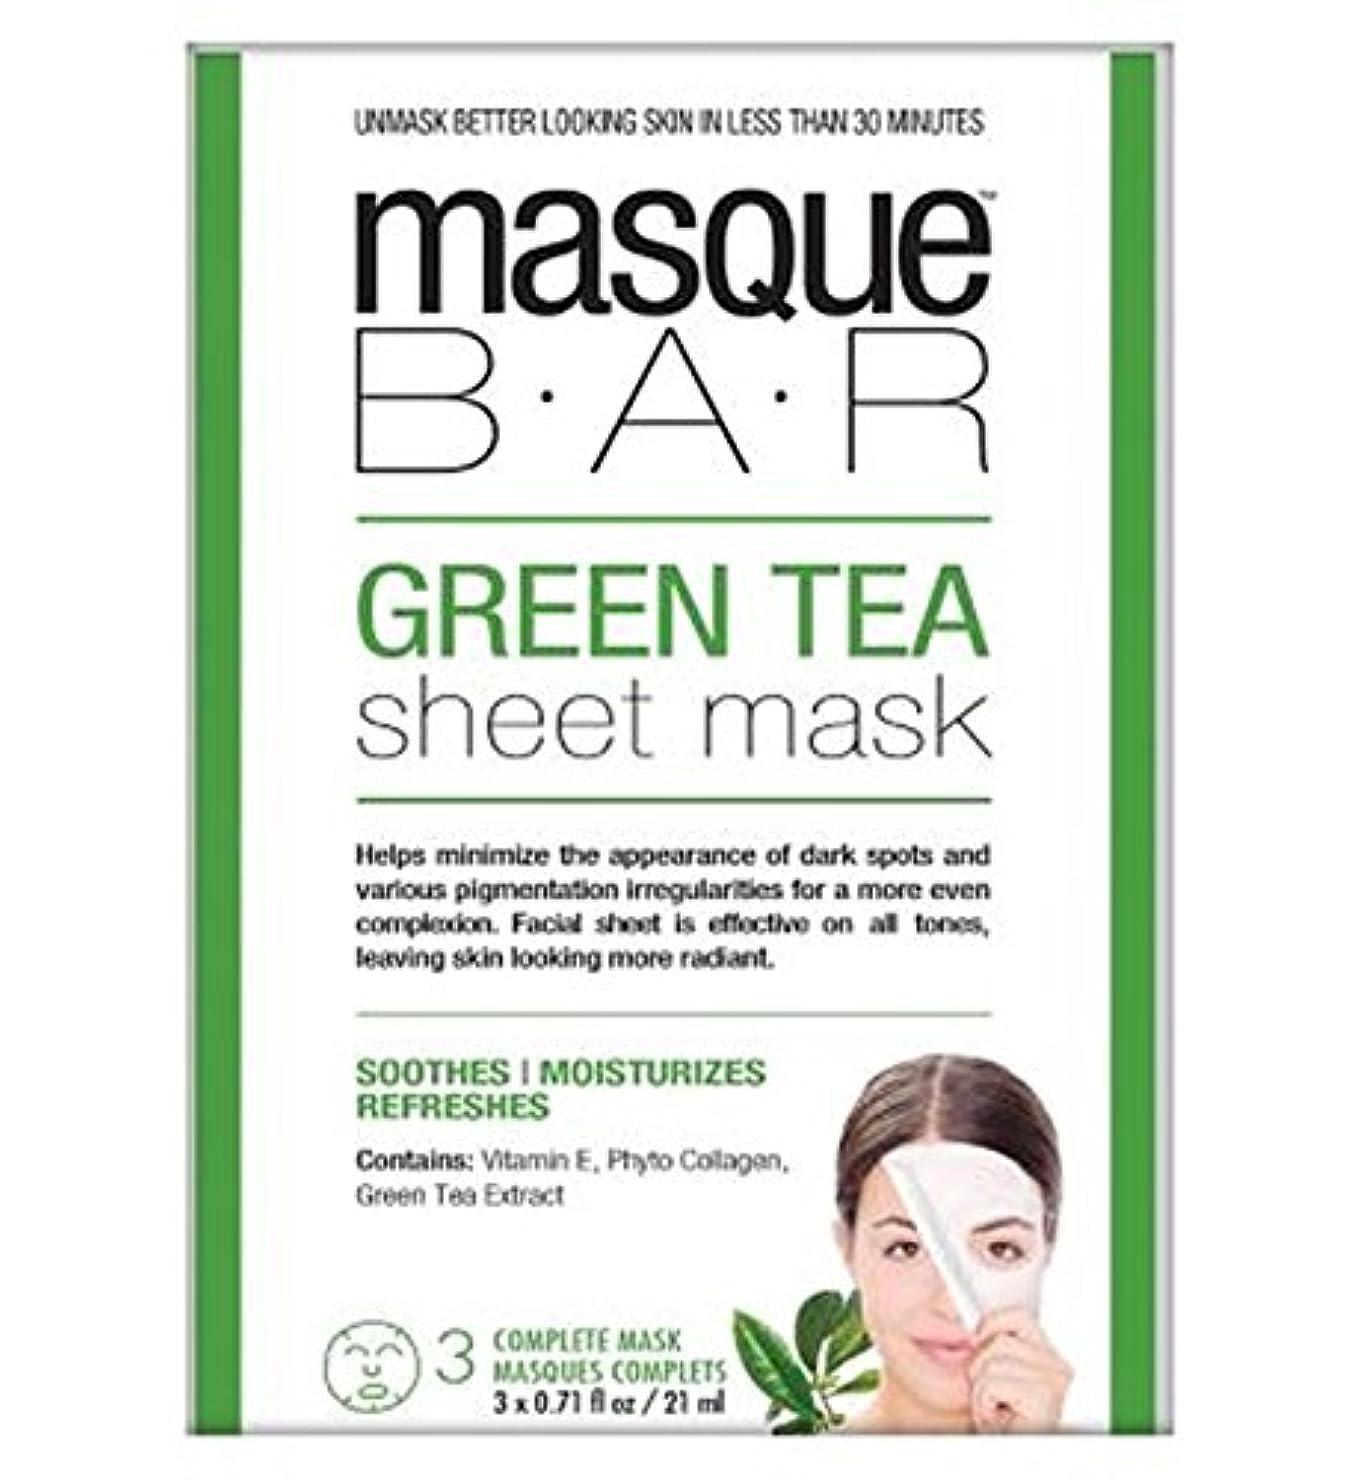 遅れにぎやかやりがいのあるMasque Bar Green Tea Sheet Mask - 3 complete masks - 仮面劇バー緑茶シートマスク - 3完全なマスク (P6B Masque Bar Bt) [並行輸入品]